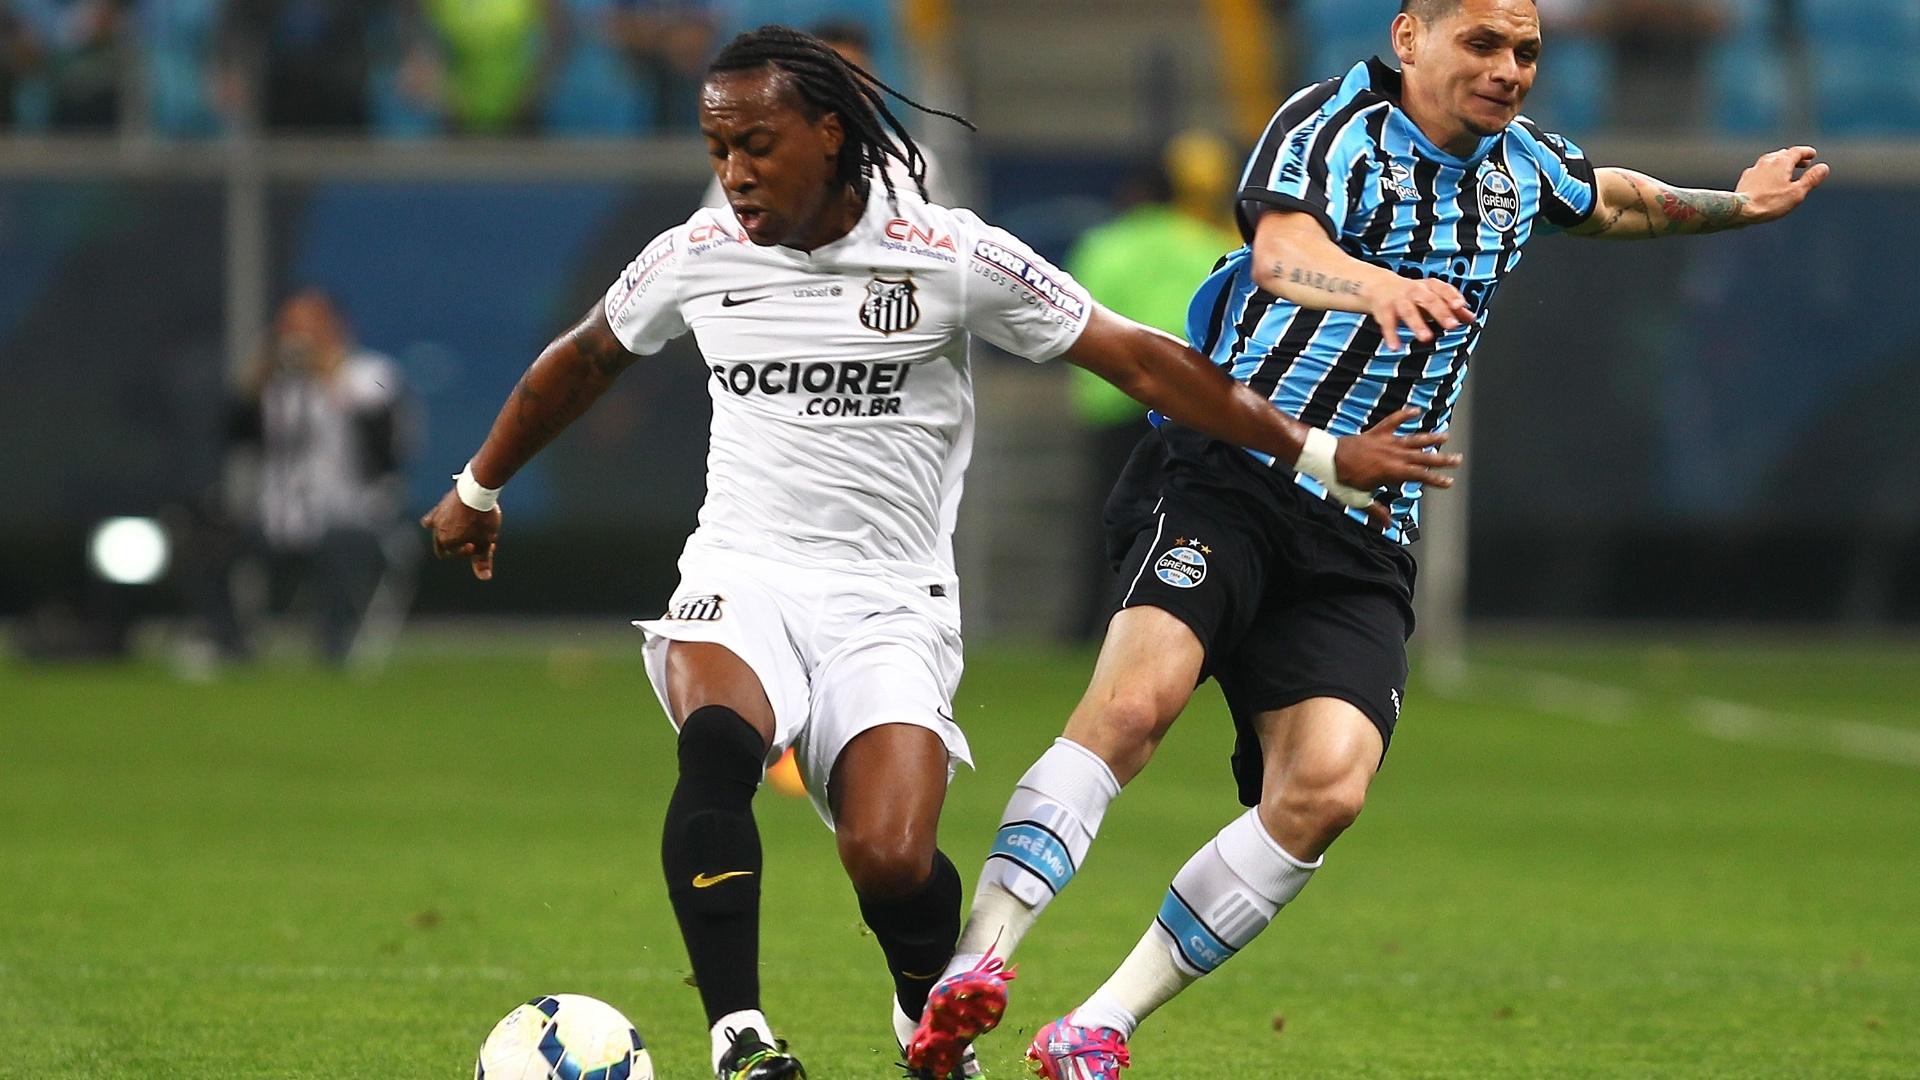 Arouca rouba a bola de Pará na partida entre Santos e Grêmio pelo Brasileirão